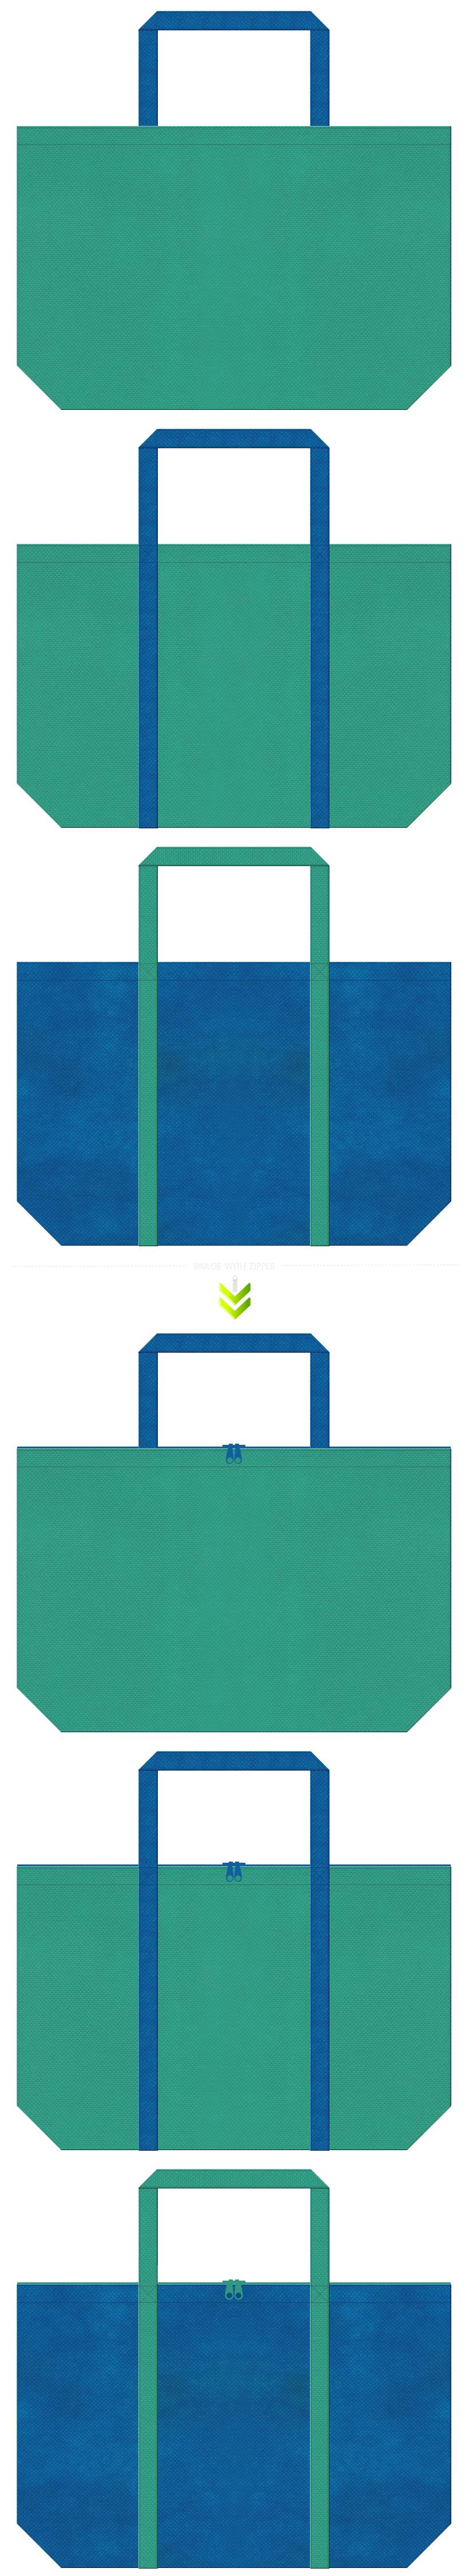 青緑色と青色の不織布エコバッグのデザイン。ランドリーバッグにお奨めです。